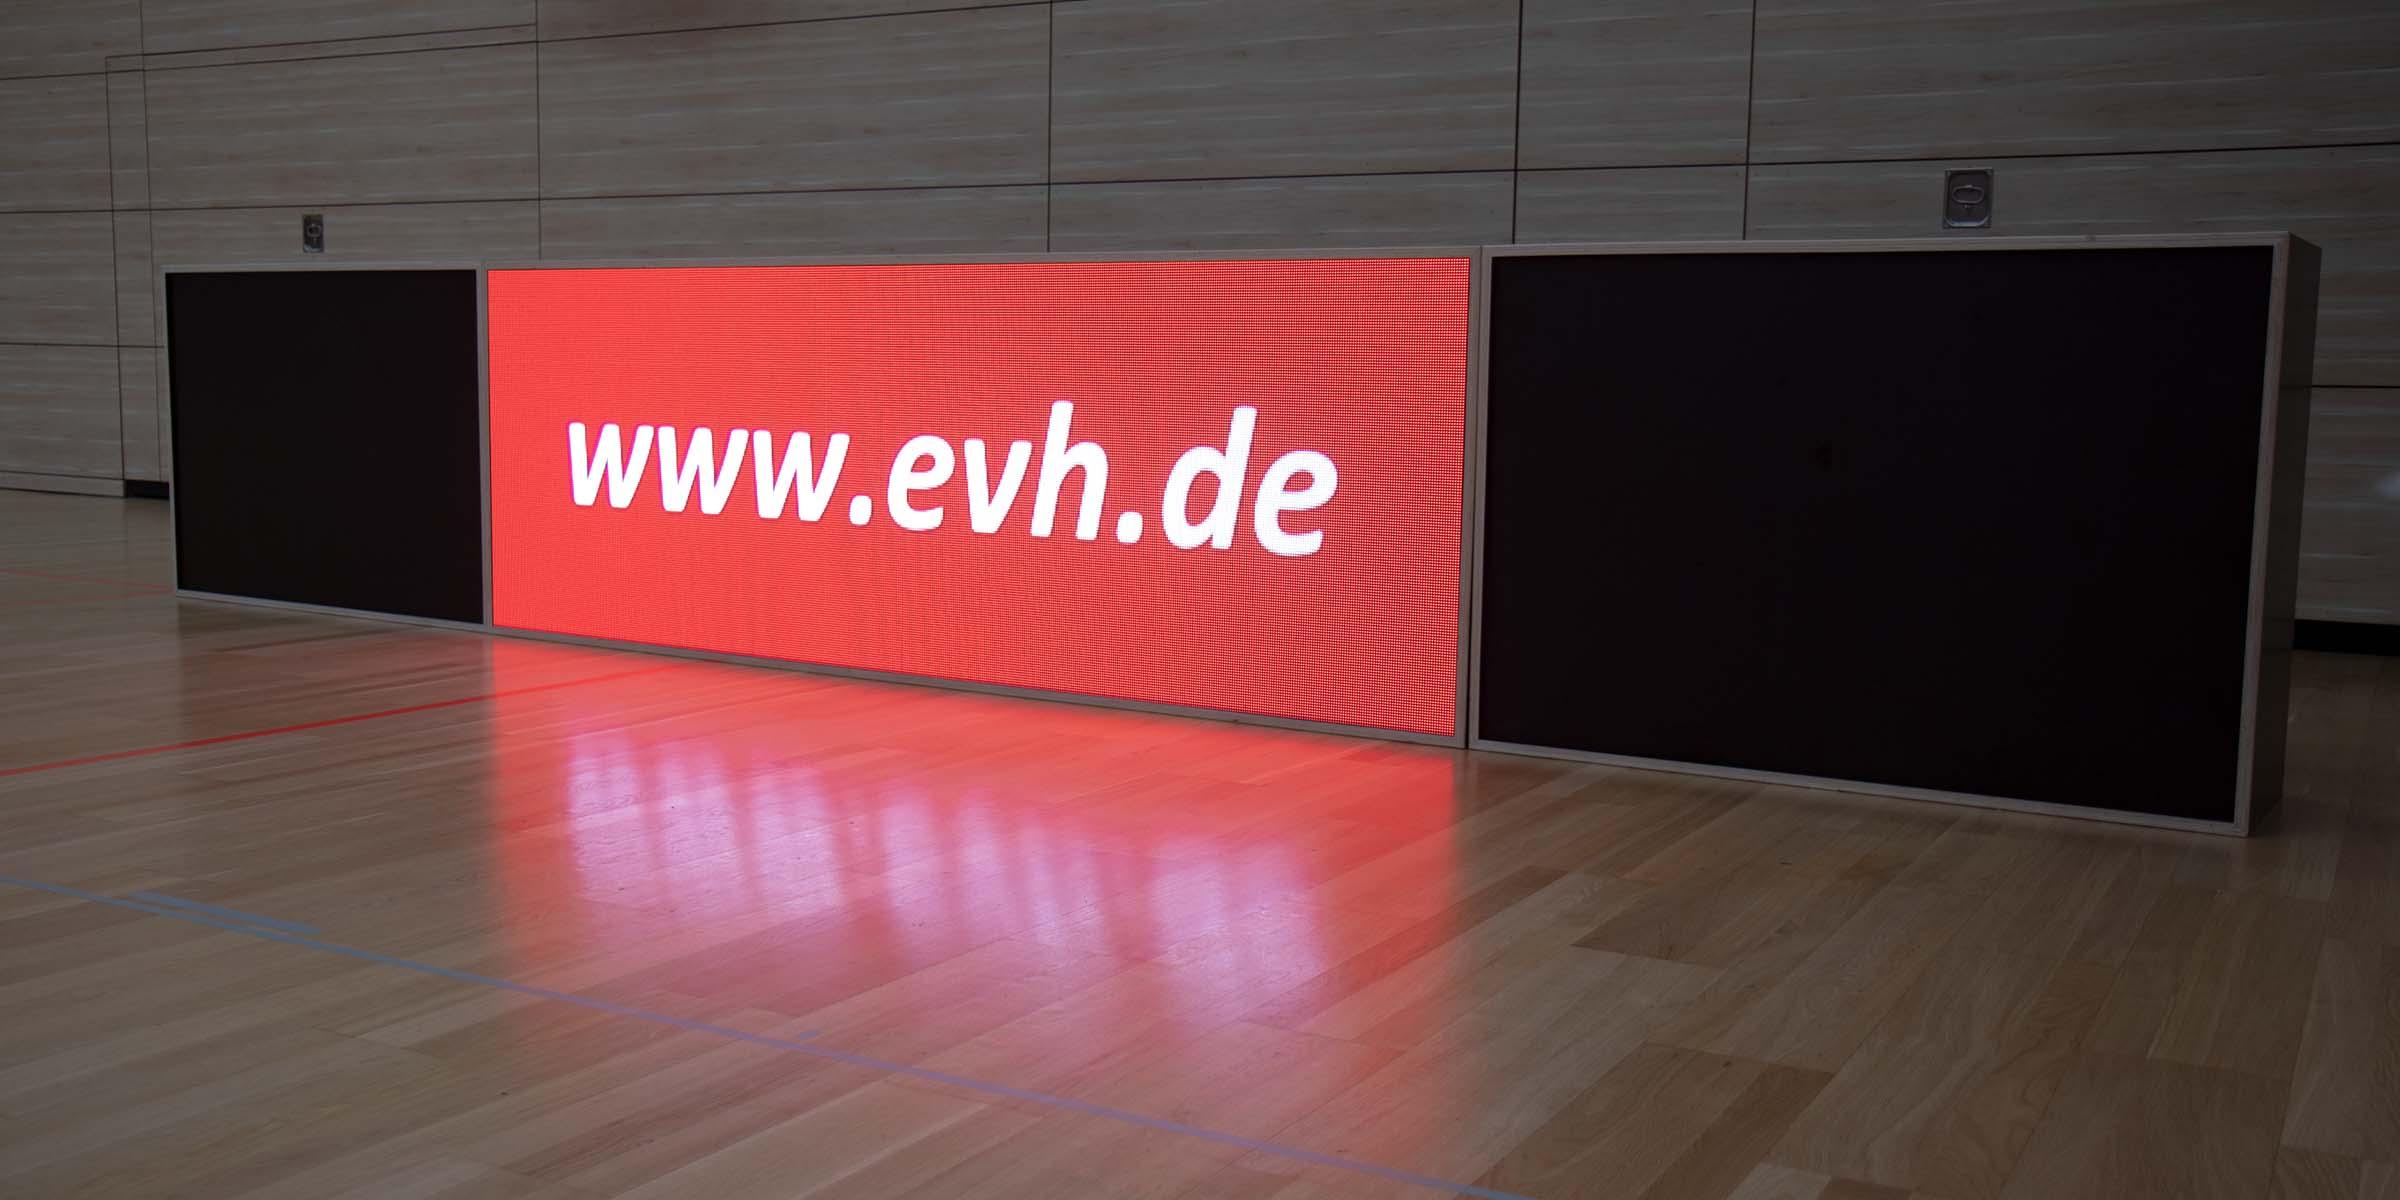 Die mobile LED Bande in der Frontansicht mit Werbung der Energieversorgung Halle